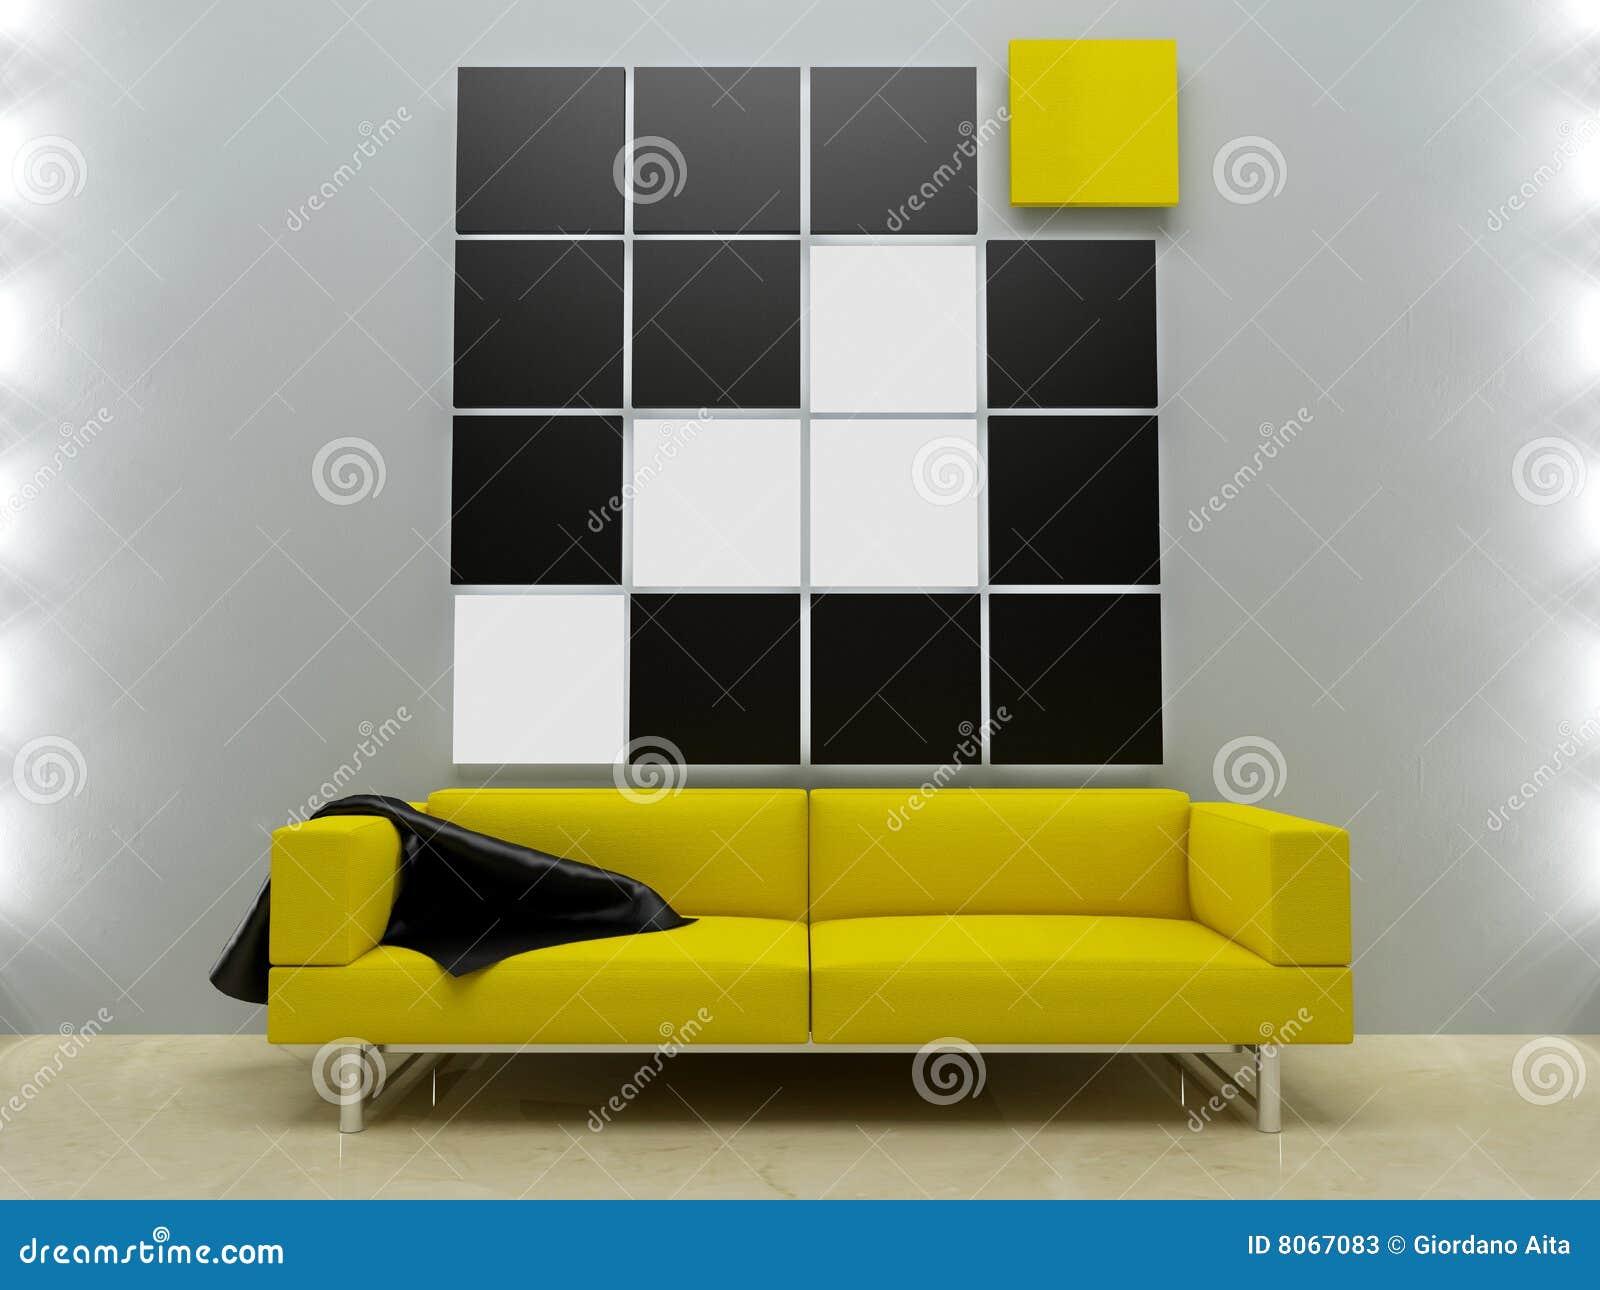 Dise o de interiores sof amarillo en estilo moderno for Estilo moderno diseno de interiores caracteristicas